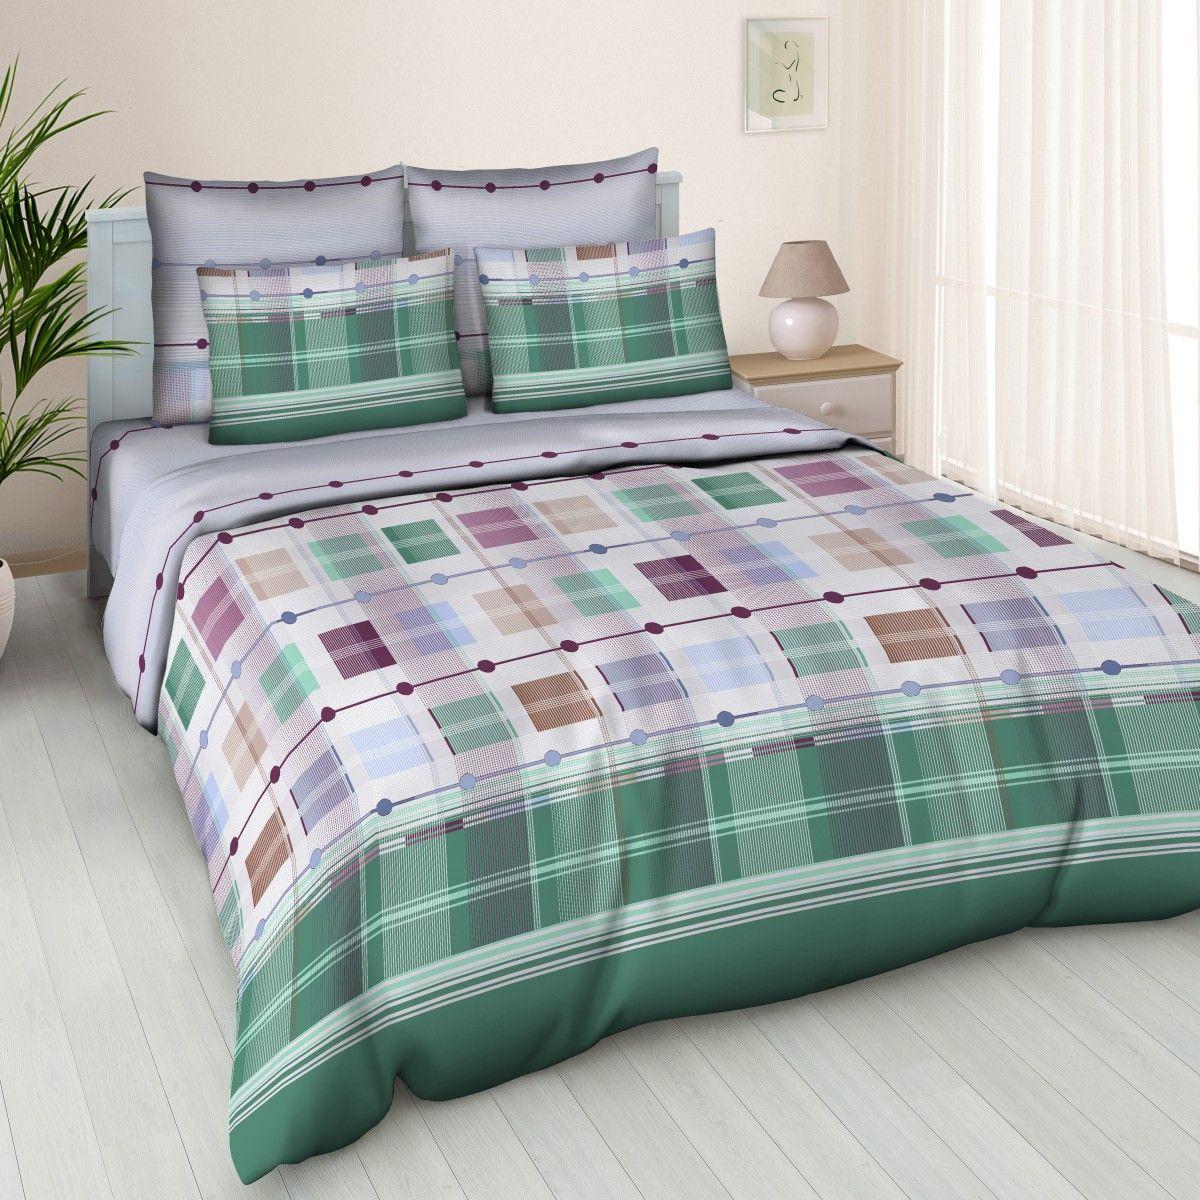 Комплект белья Amore Mio West, 2-спальный, наволочки 70x70, цвет: зеленый, бордовый, молочный83335Постельное белье из бязи практично и долговечно, а самое главное - это 100% хлопок! Материал великолепно отводит влагу, отлично пропускает воздух, не капризен в уходе, легко стирается и гладится. Новая коллекция Naturel 3-D дизайнов позволит выбрать постельное белье на любой вкус!